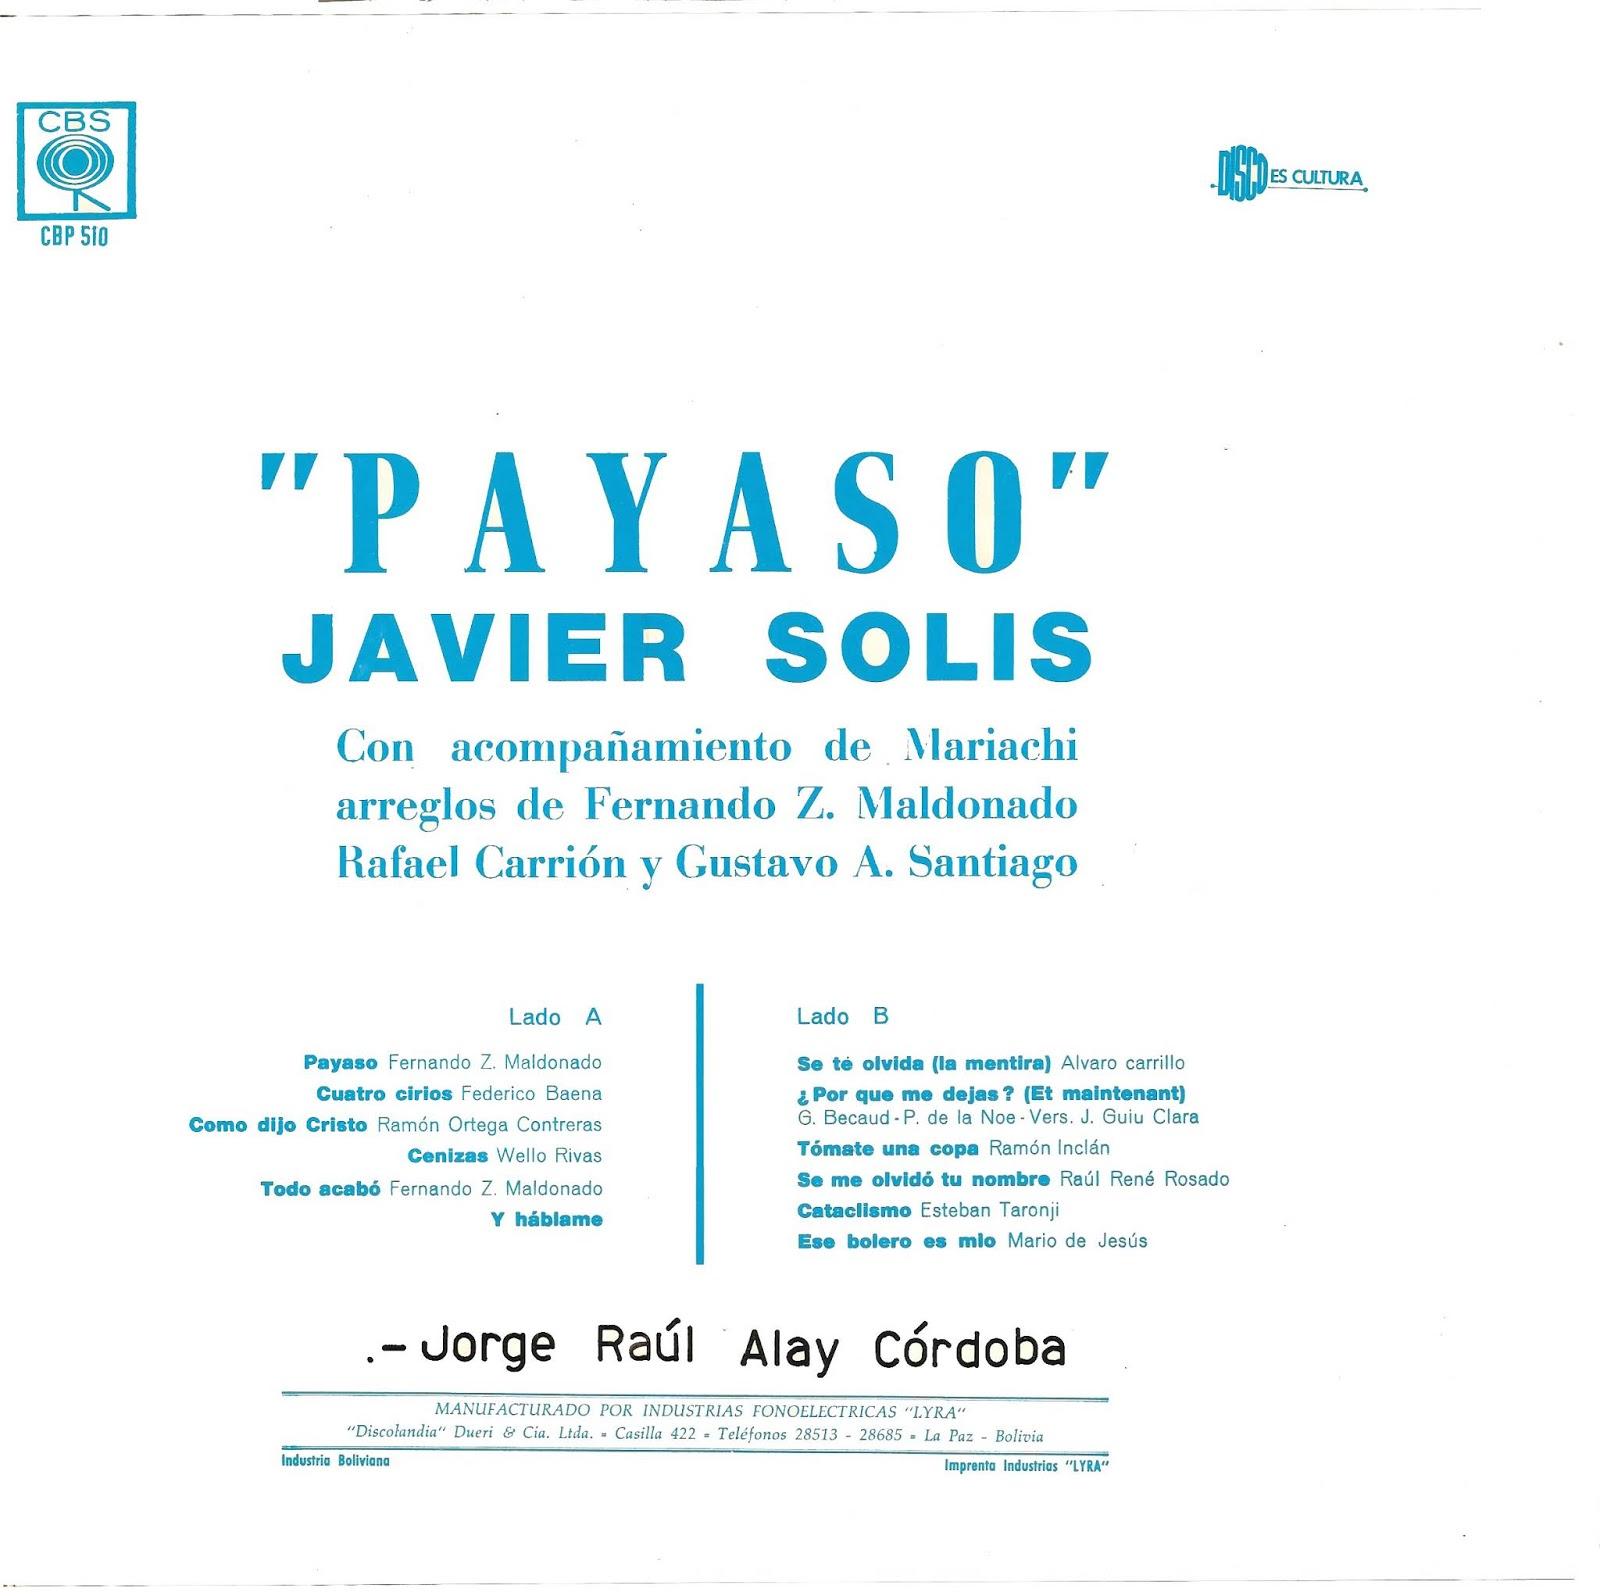 MUSICOTECA ALAY: JAVIER SOLIS - PAYASO (1965) LP